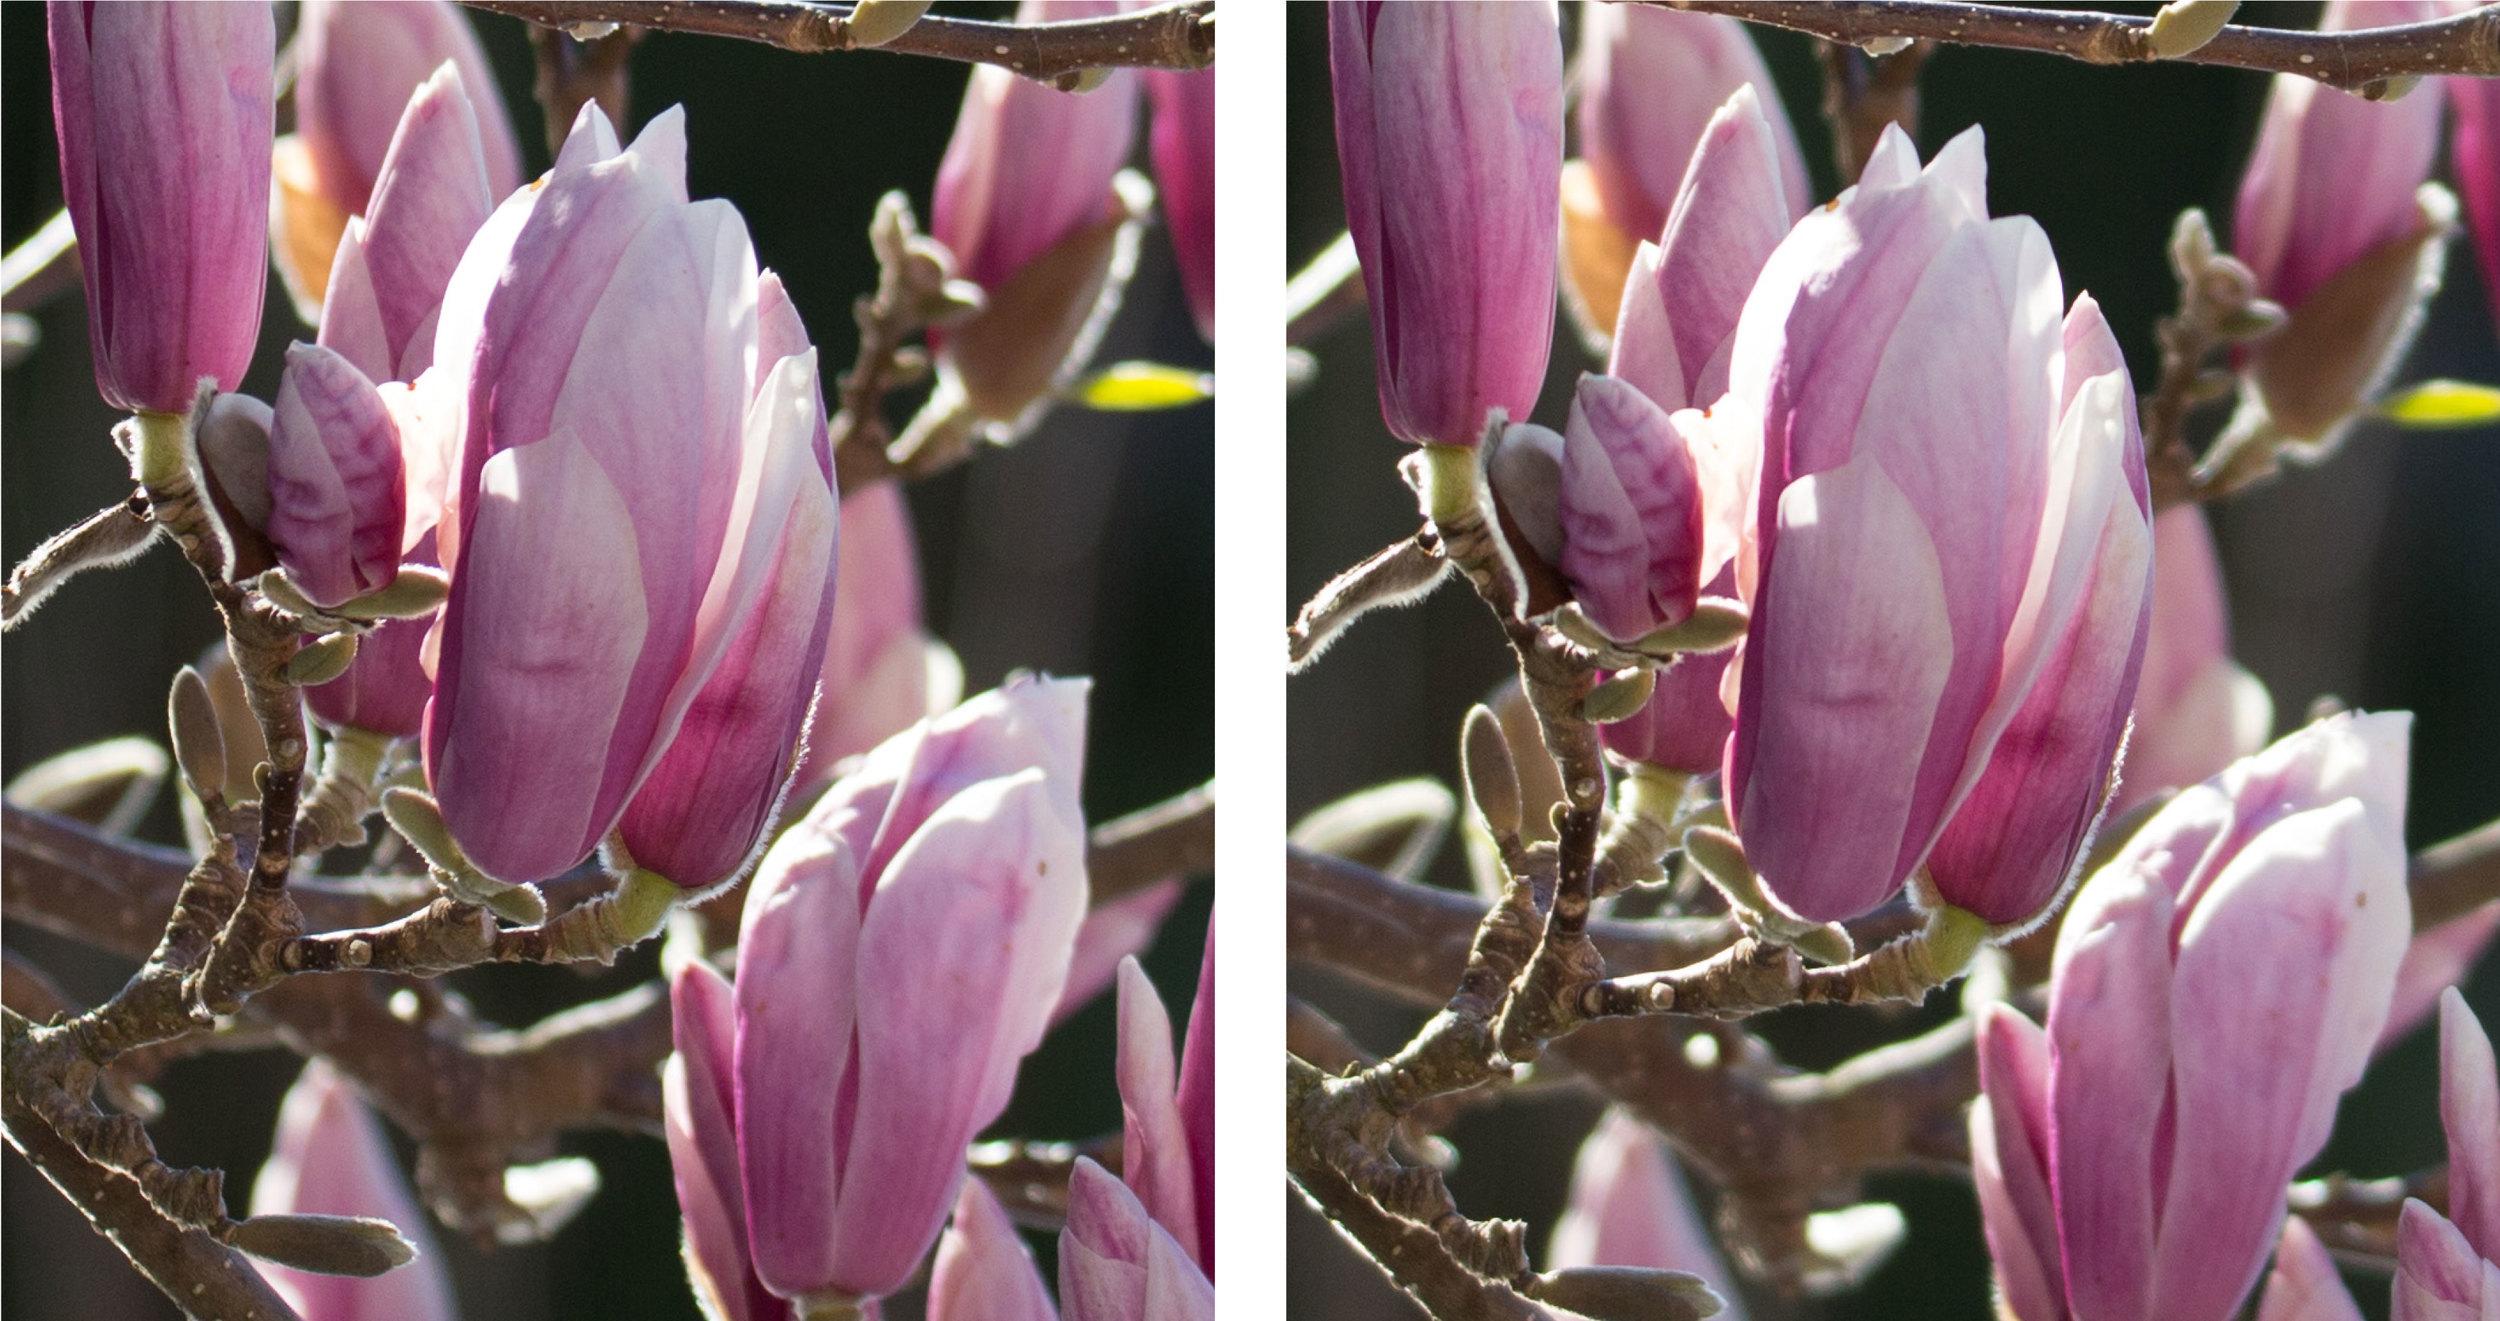 1:1 Ausschnitte bei 150 mm und voll offener Blende 5.0 links Sigma Sports 150–600mm f5–6,3 DG OS HSM, rechts Tamron SP 150–600mm f5–6.3 VC US (für vergrösserte Ansicht auf die Bilder klicken)